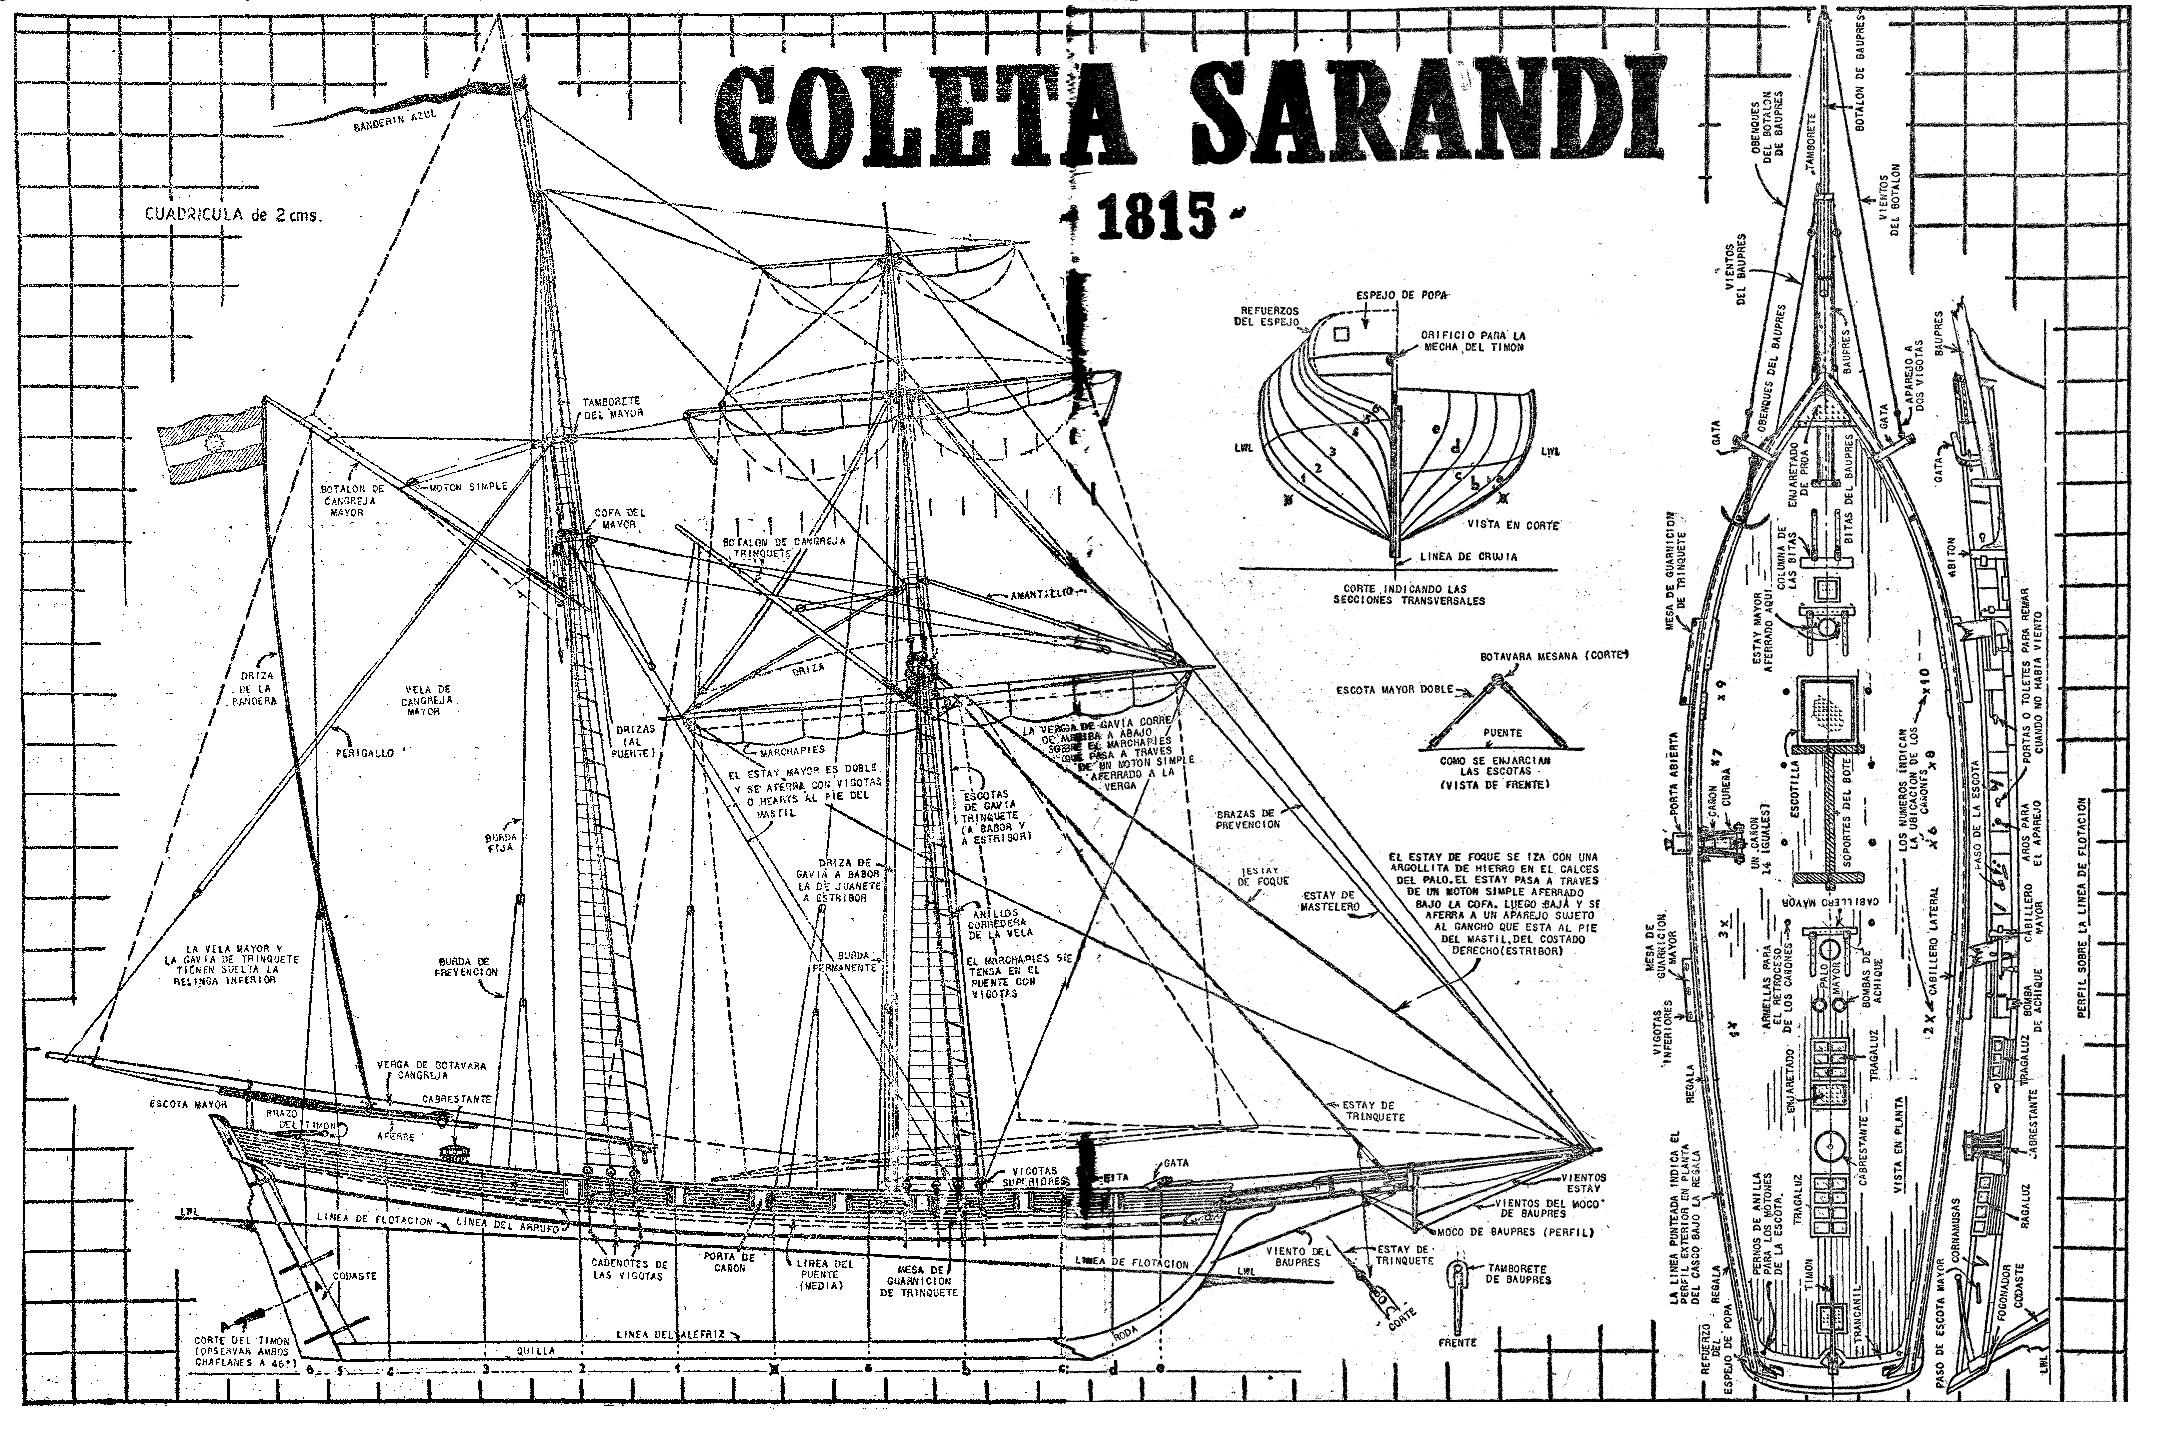 Como hacer un barco a escala la goleta sarand como for Hacer planos en linea